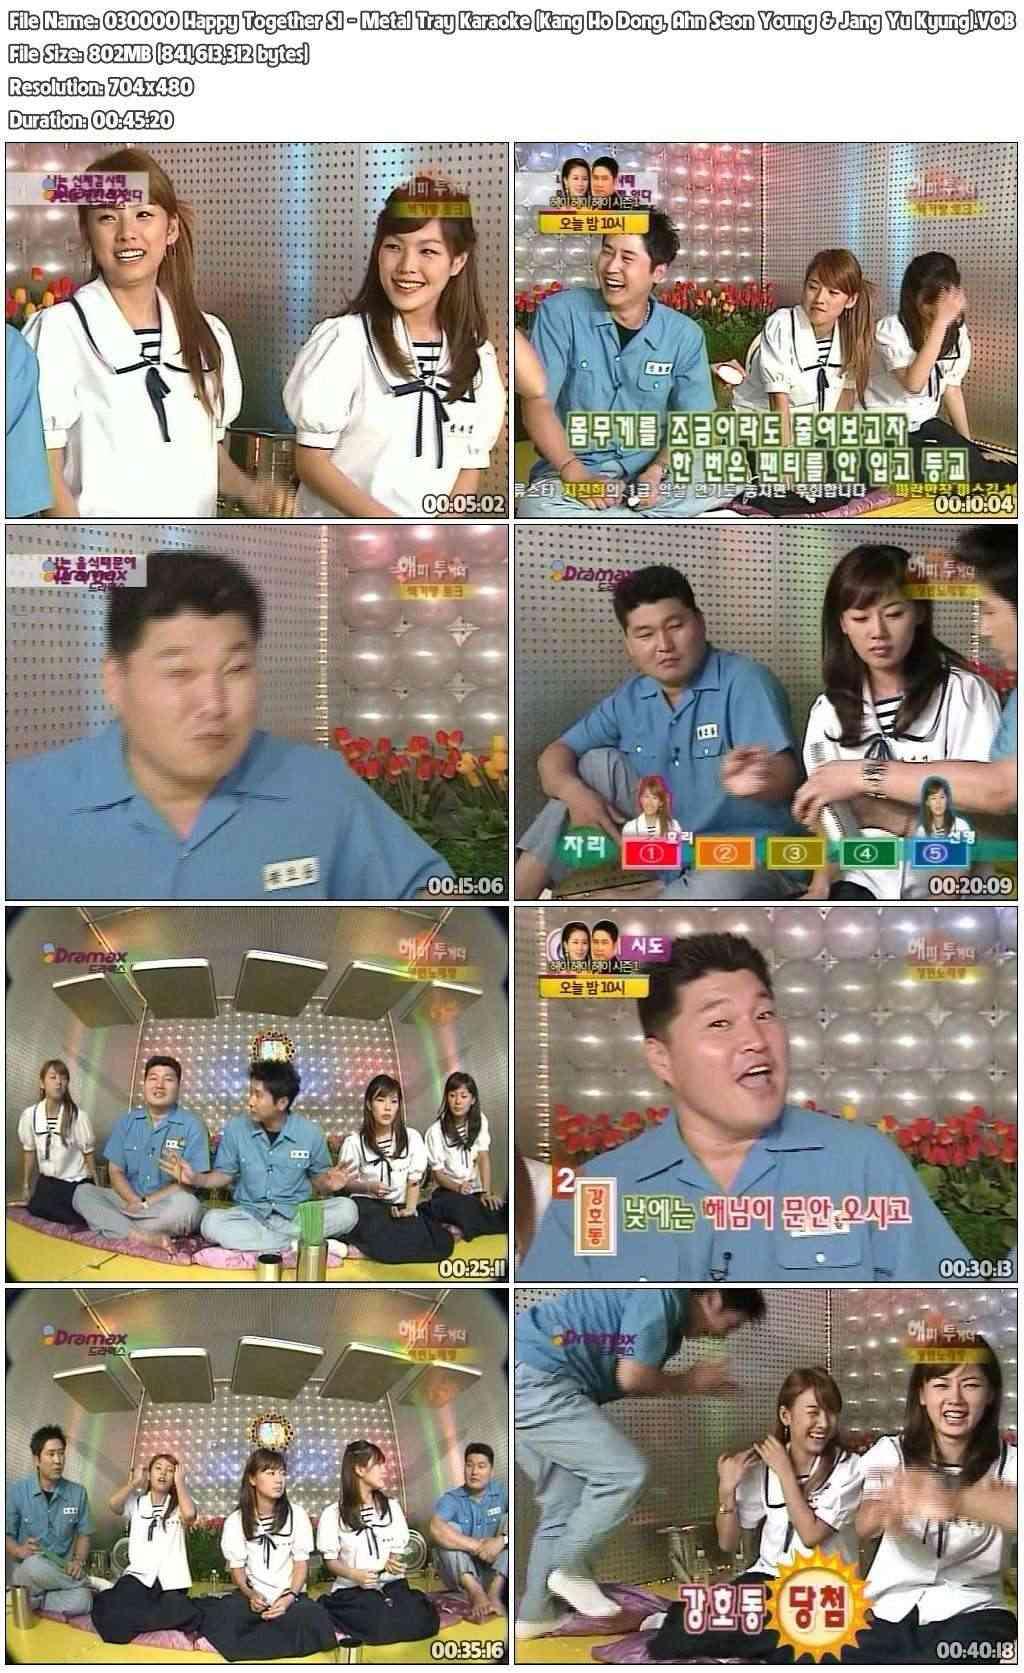 [030000] Happy Together S1 - Metal Tray Karaoke (Kang Ho Dong, Ahn Seon Young & Jang Yu Kyung) [802M/vob] 03000012